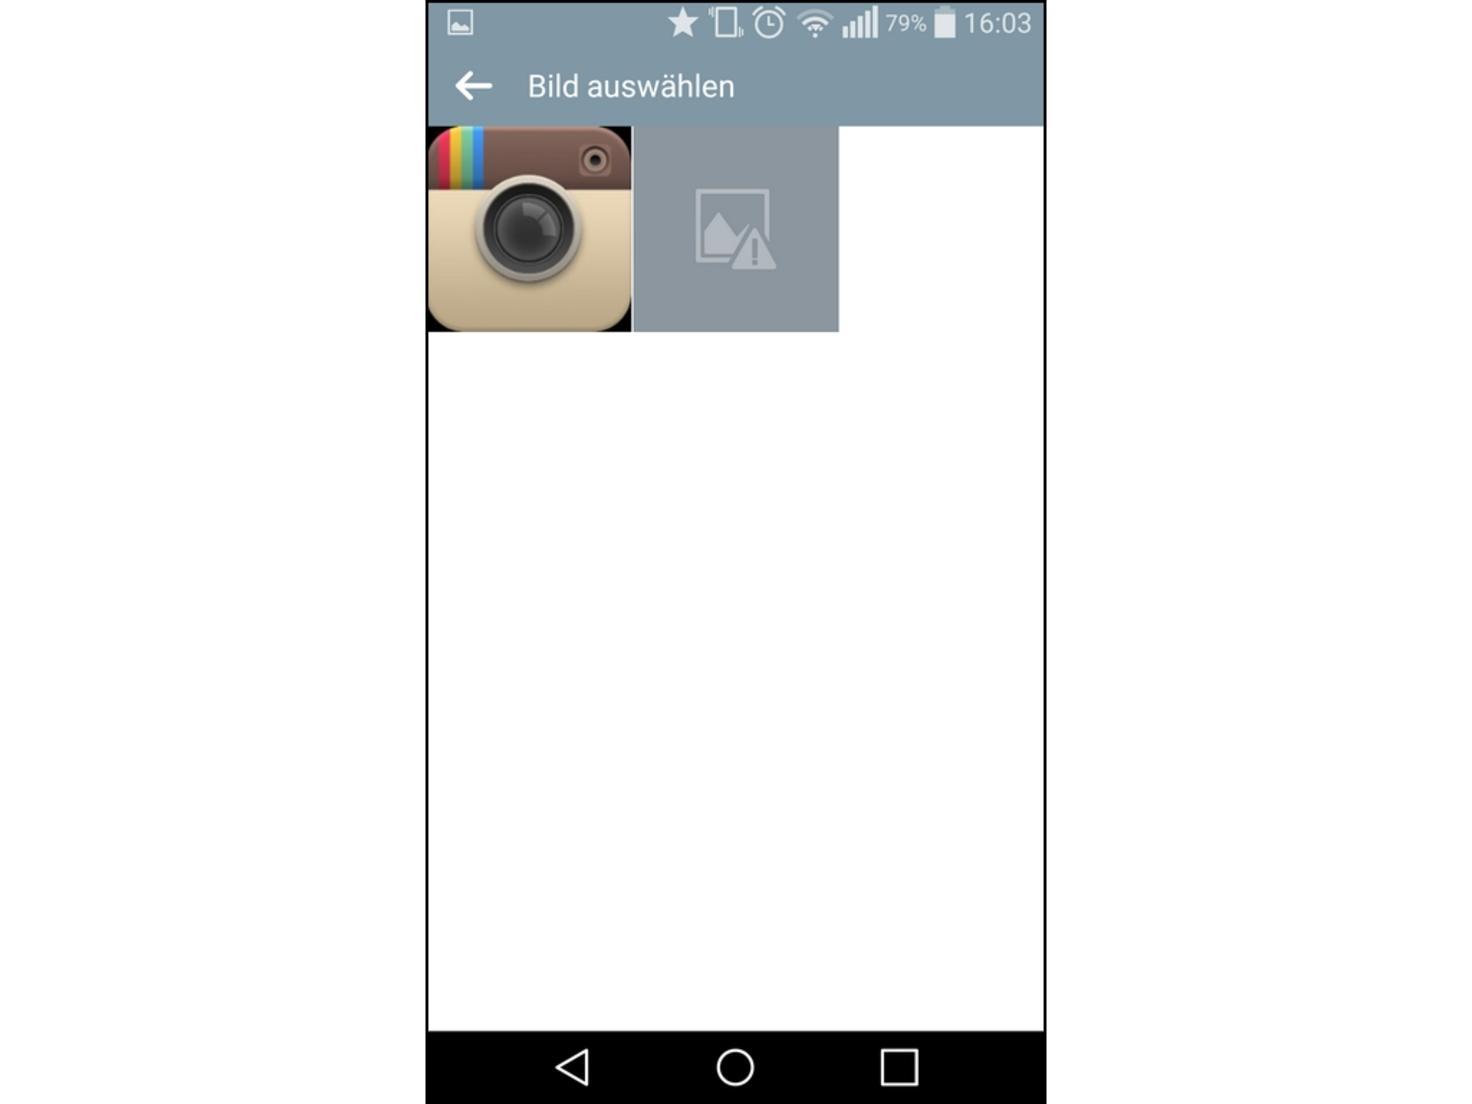 Das alte Instagram-Logo solltest Du dort als PNG gespeichert haben.